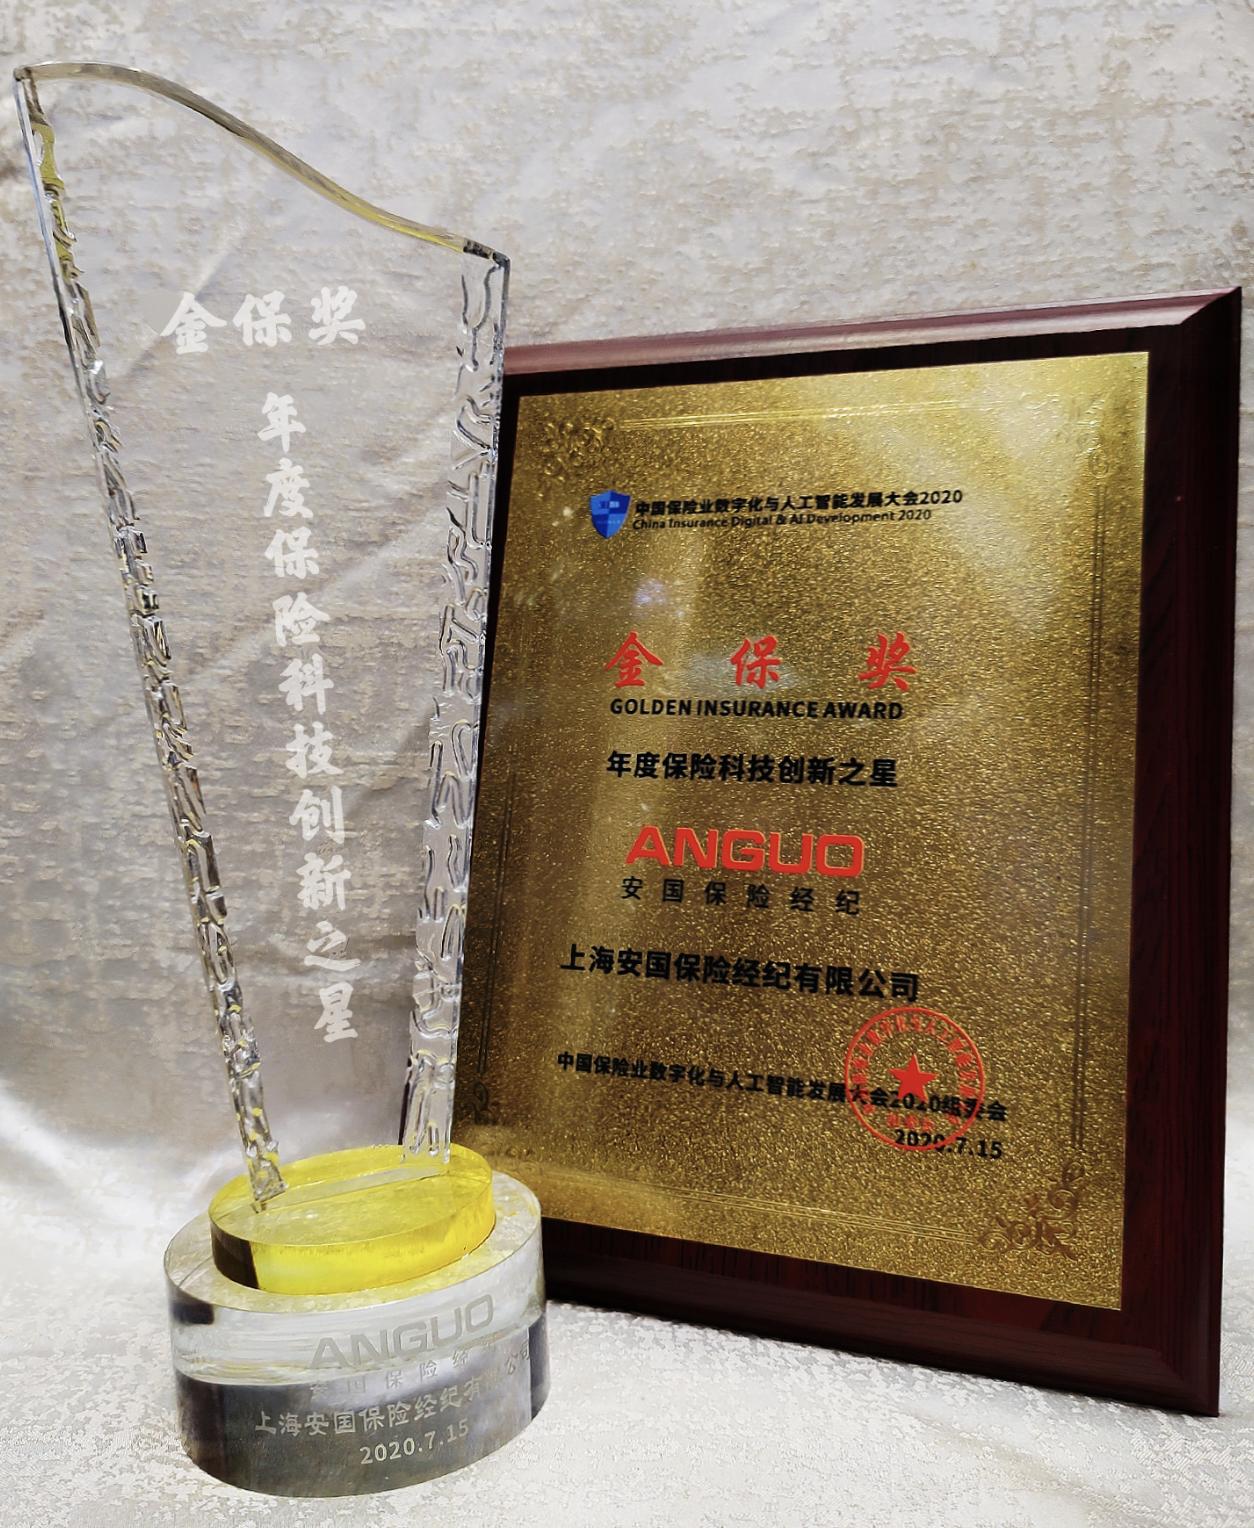 """喜报!安国保险经纪实力斩获2020金保奖""""年度保险科技创新之星"""""""